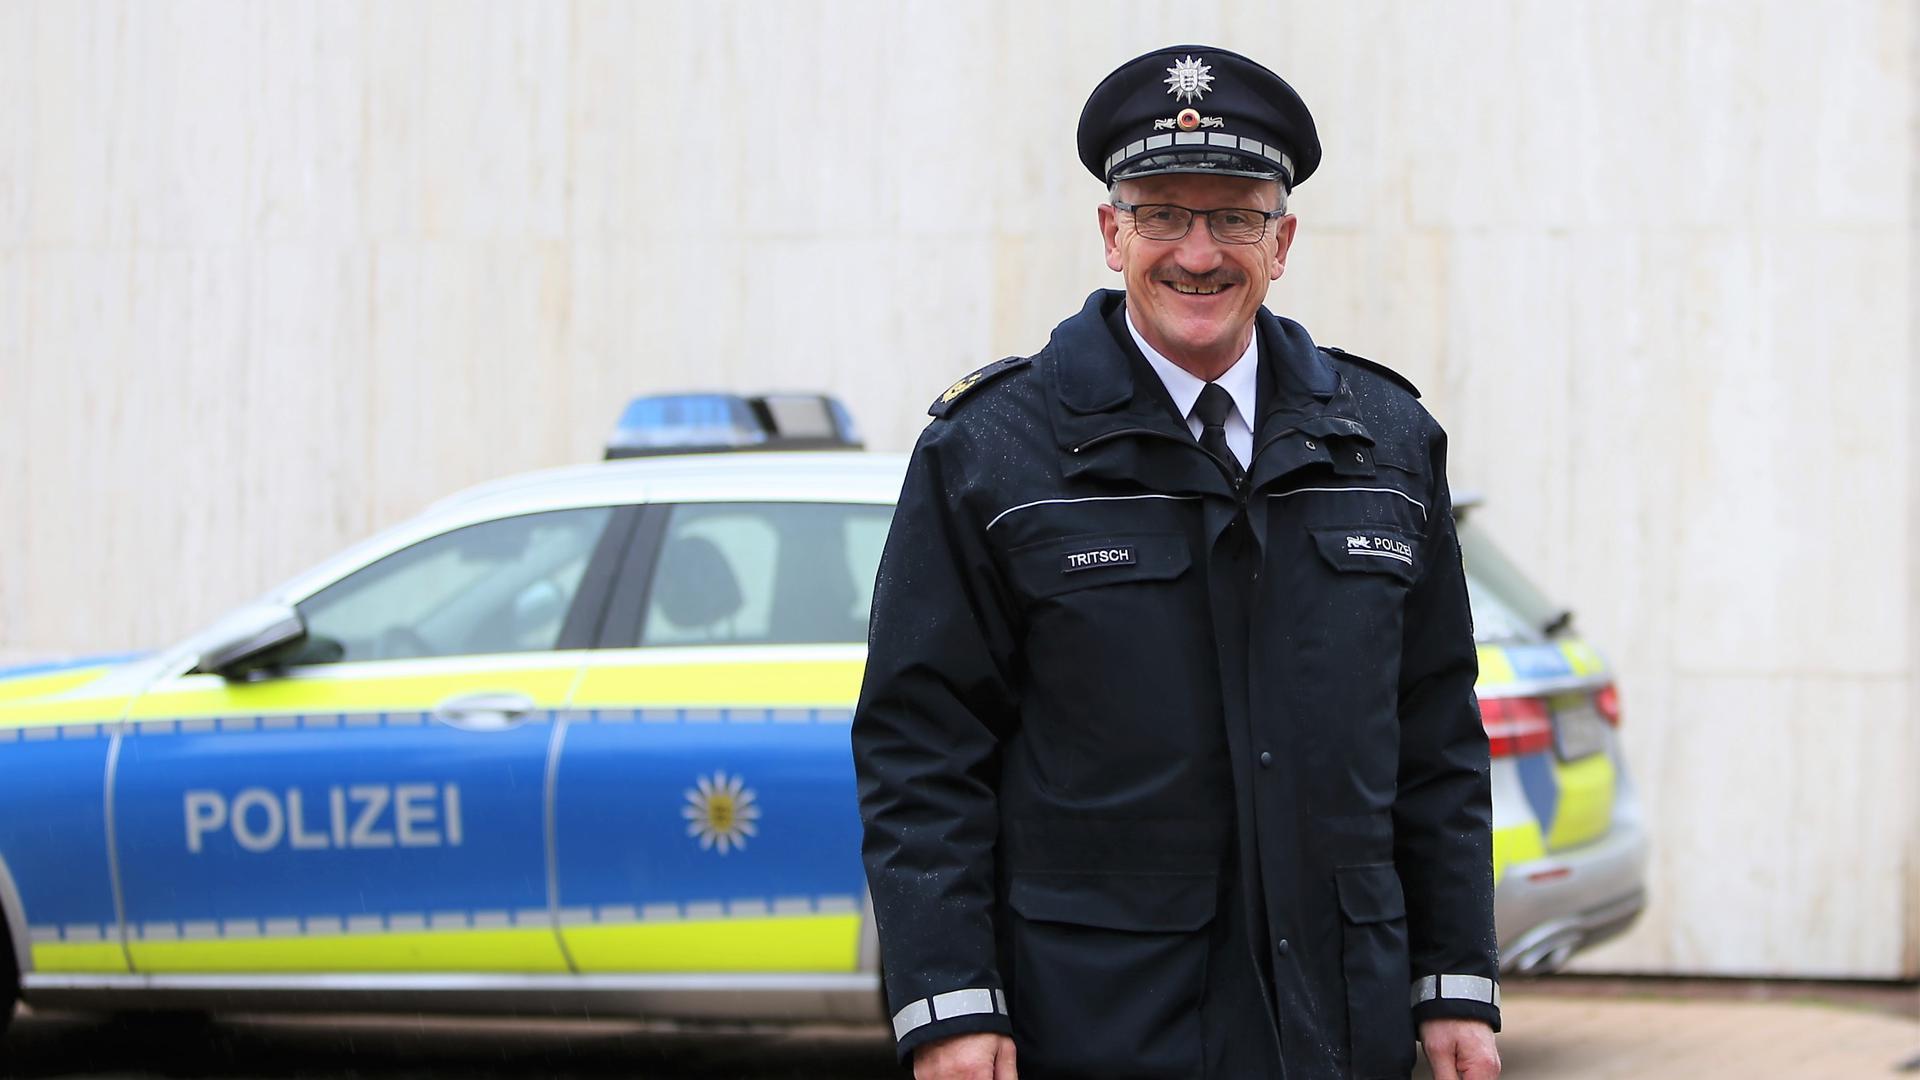 Polizeipräsident Wolfgang Tritsch in Uniform vor dem Polizeipräsidium in der Pforzheimer Bahnhofstraße